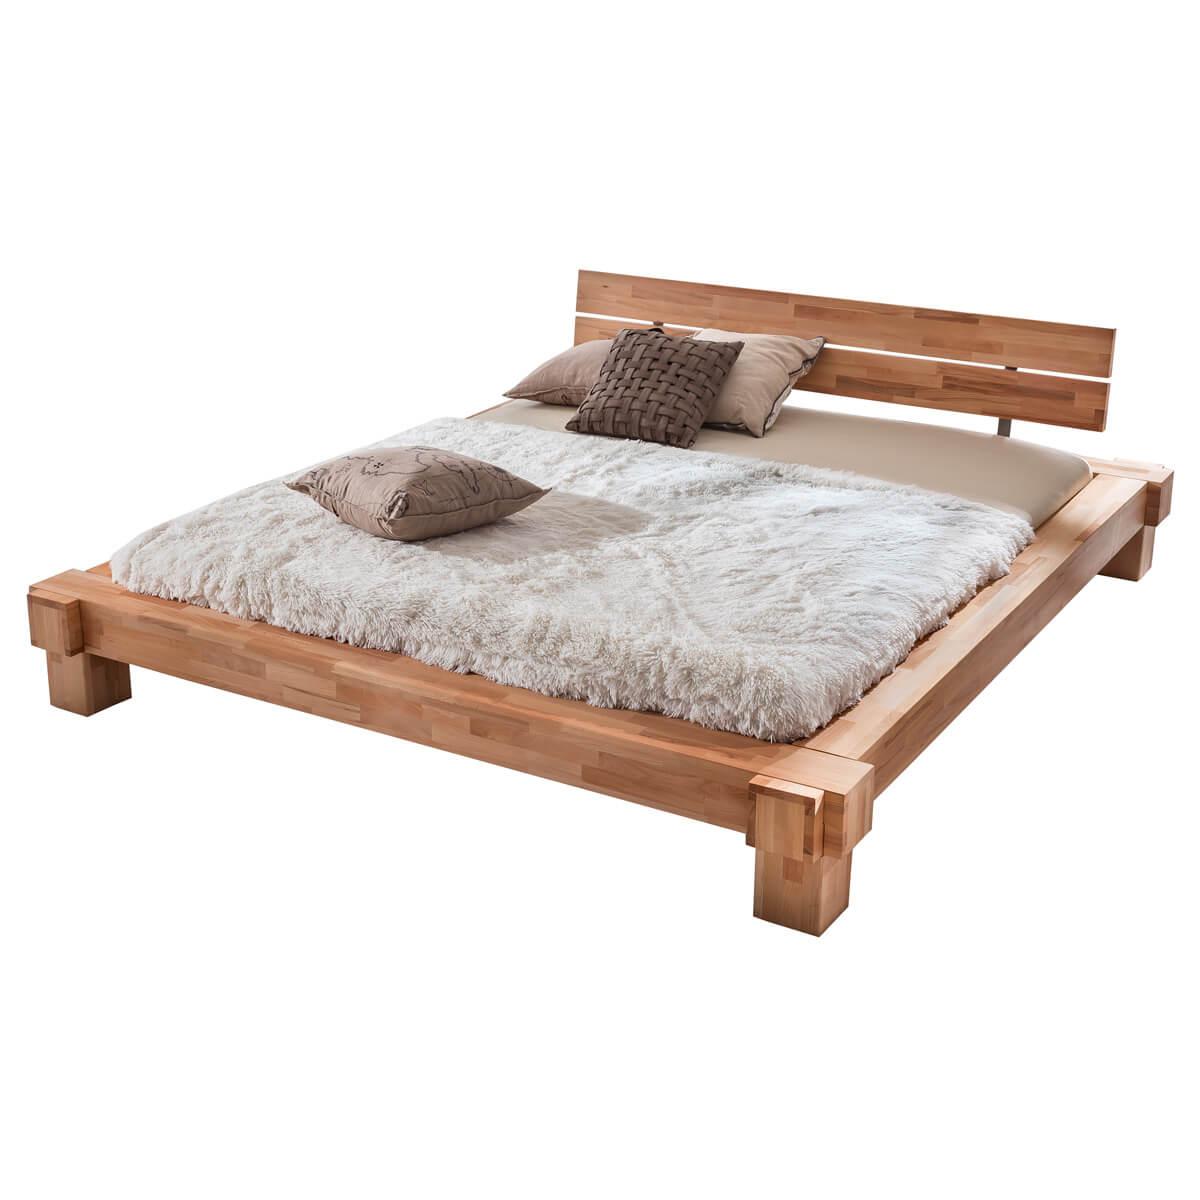 Full Size of Bett 1 40x2 00 Mit Beleuchtung Barock Bette Starlet Betten 140x200 200x200 Kaufen Luxus Günstig Ruf Preise Bettkasten 180x200 120x200 Günstige Esstisch Bett Bett 1 40x2 00